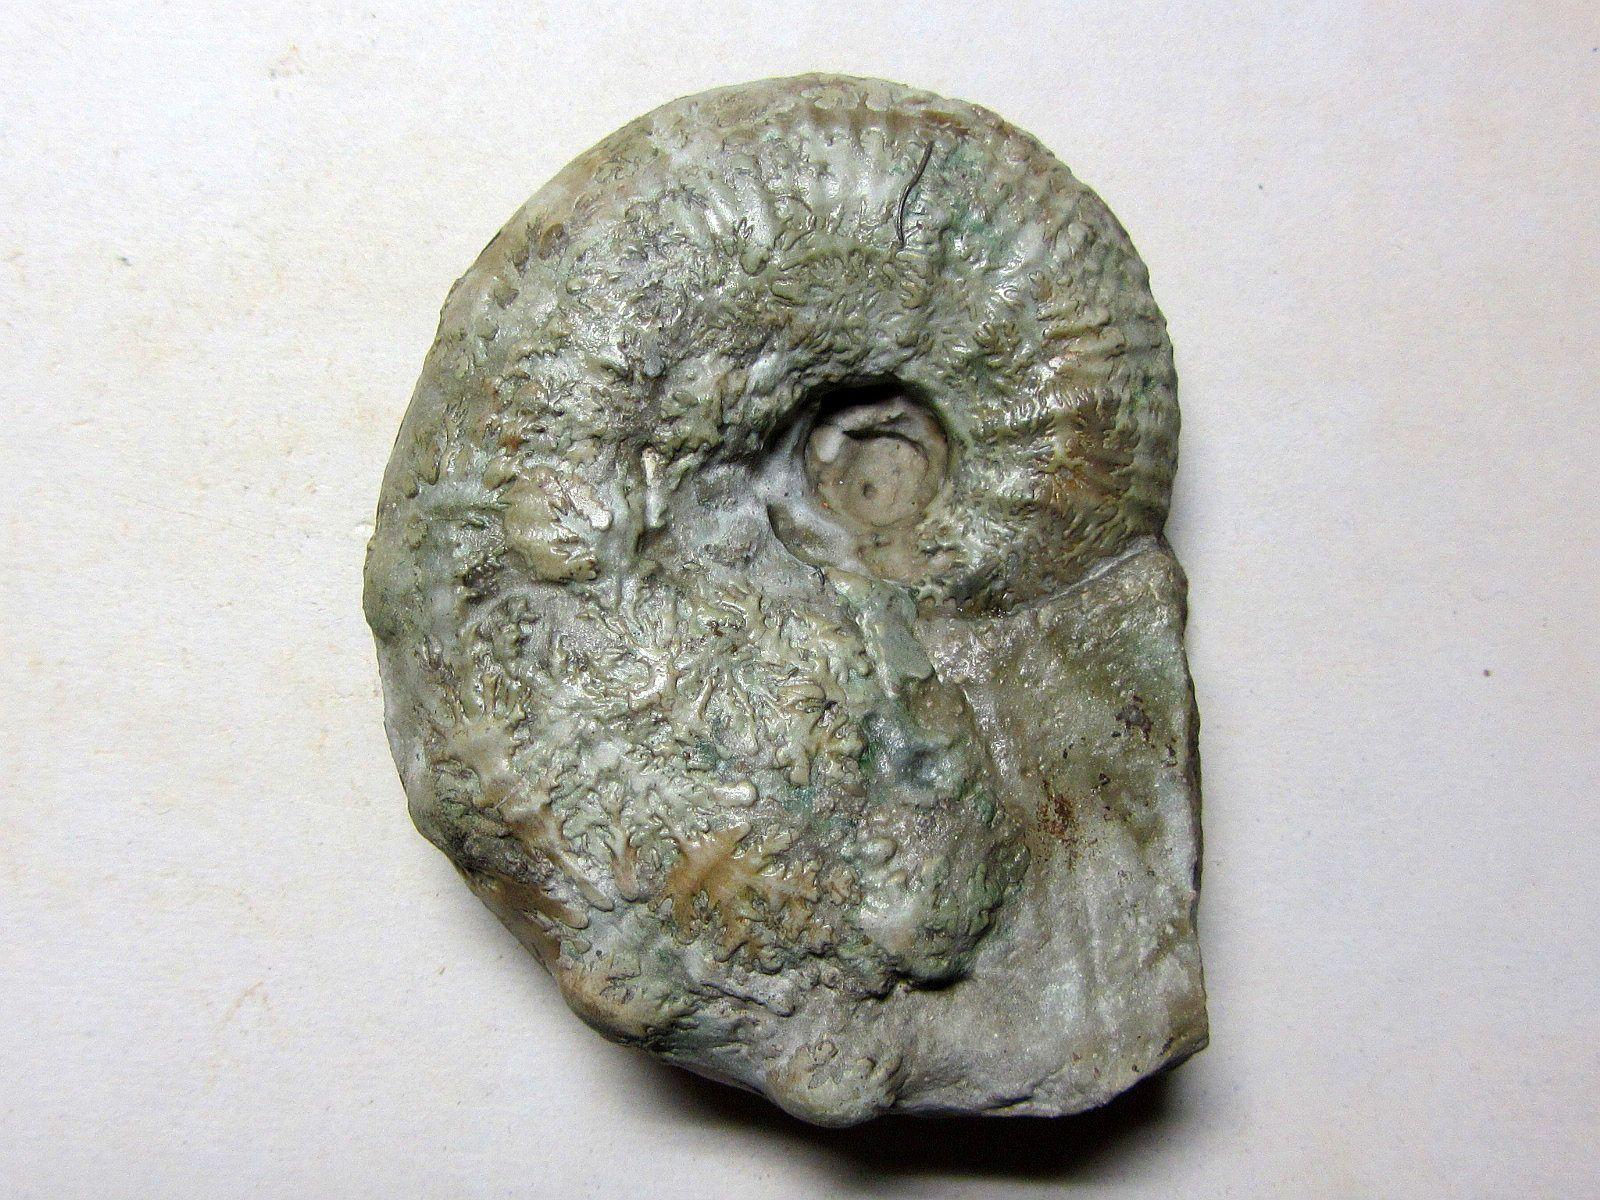 Taramelliceras (Taramelliceras) compsum (Oppel 1863)